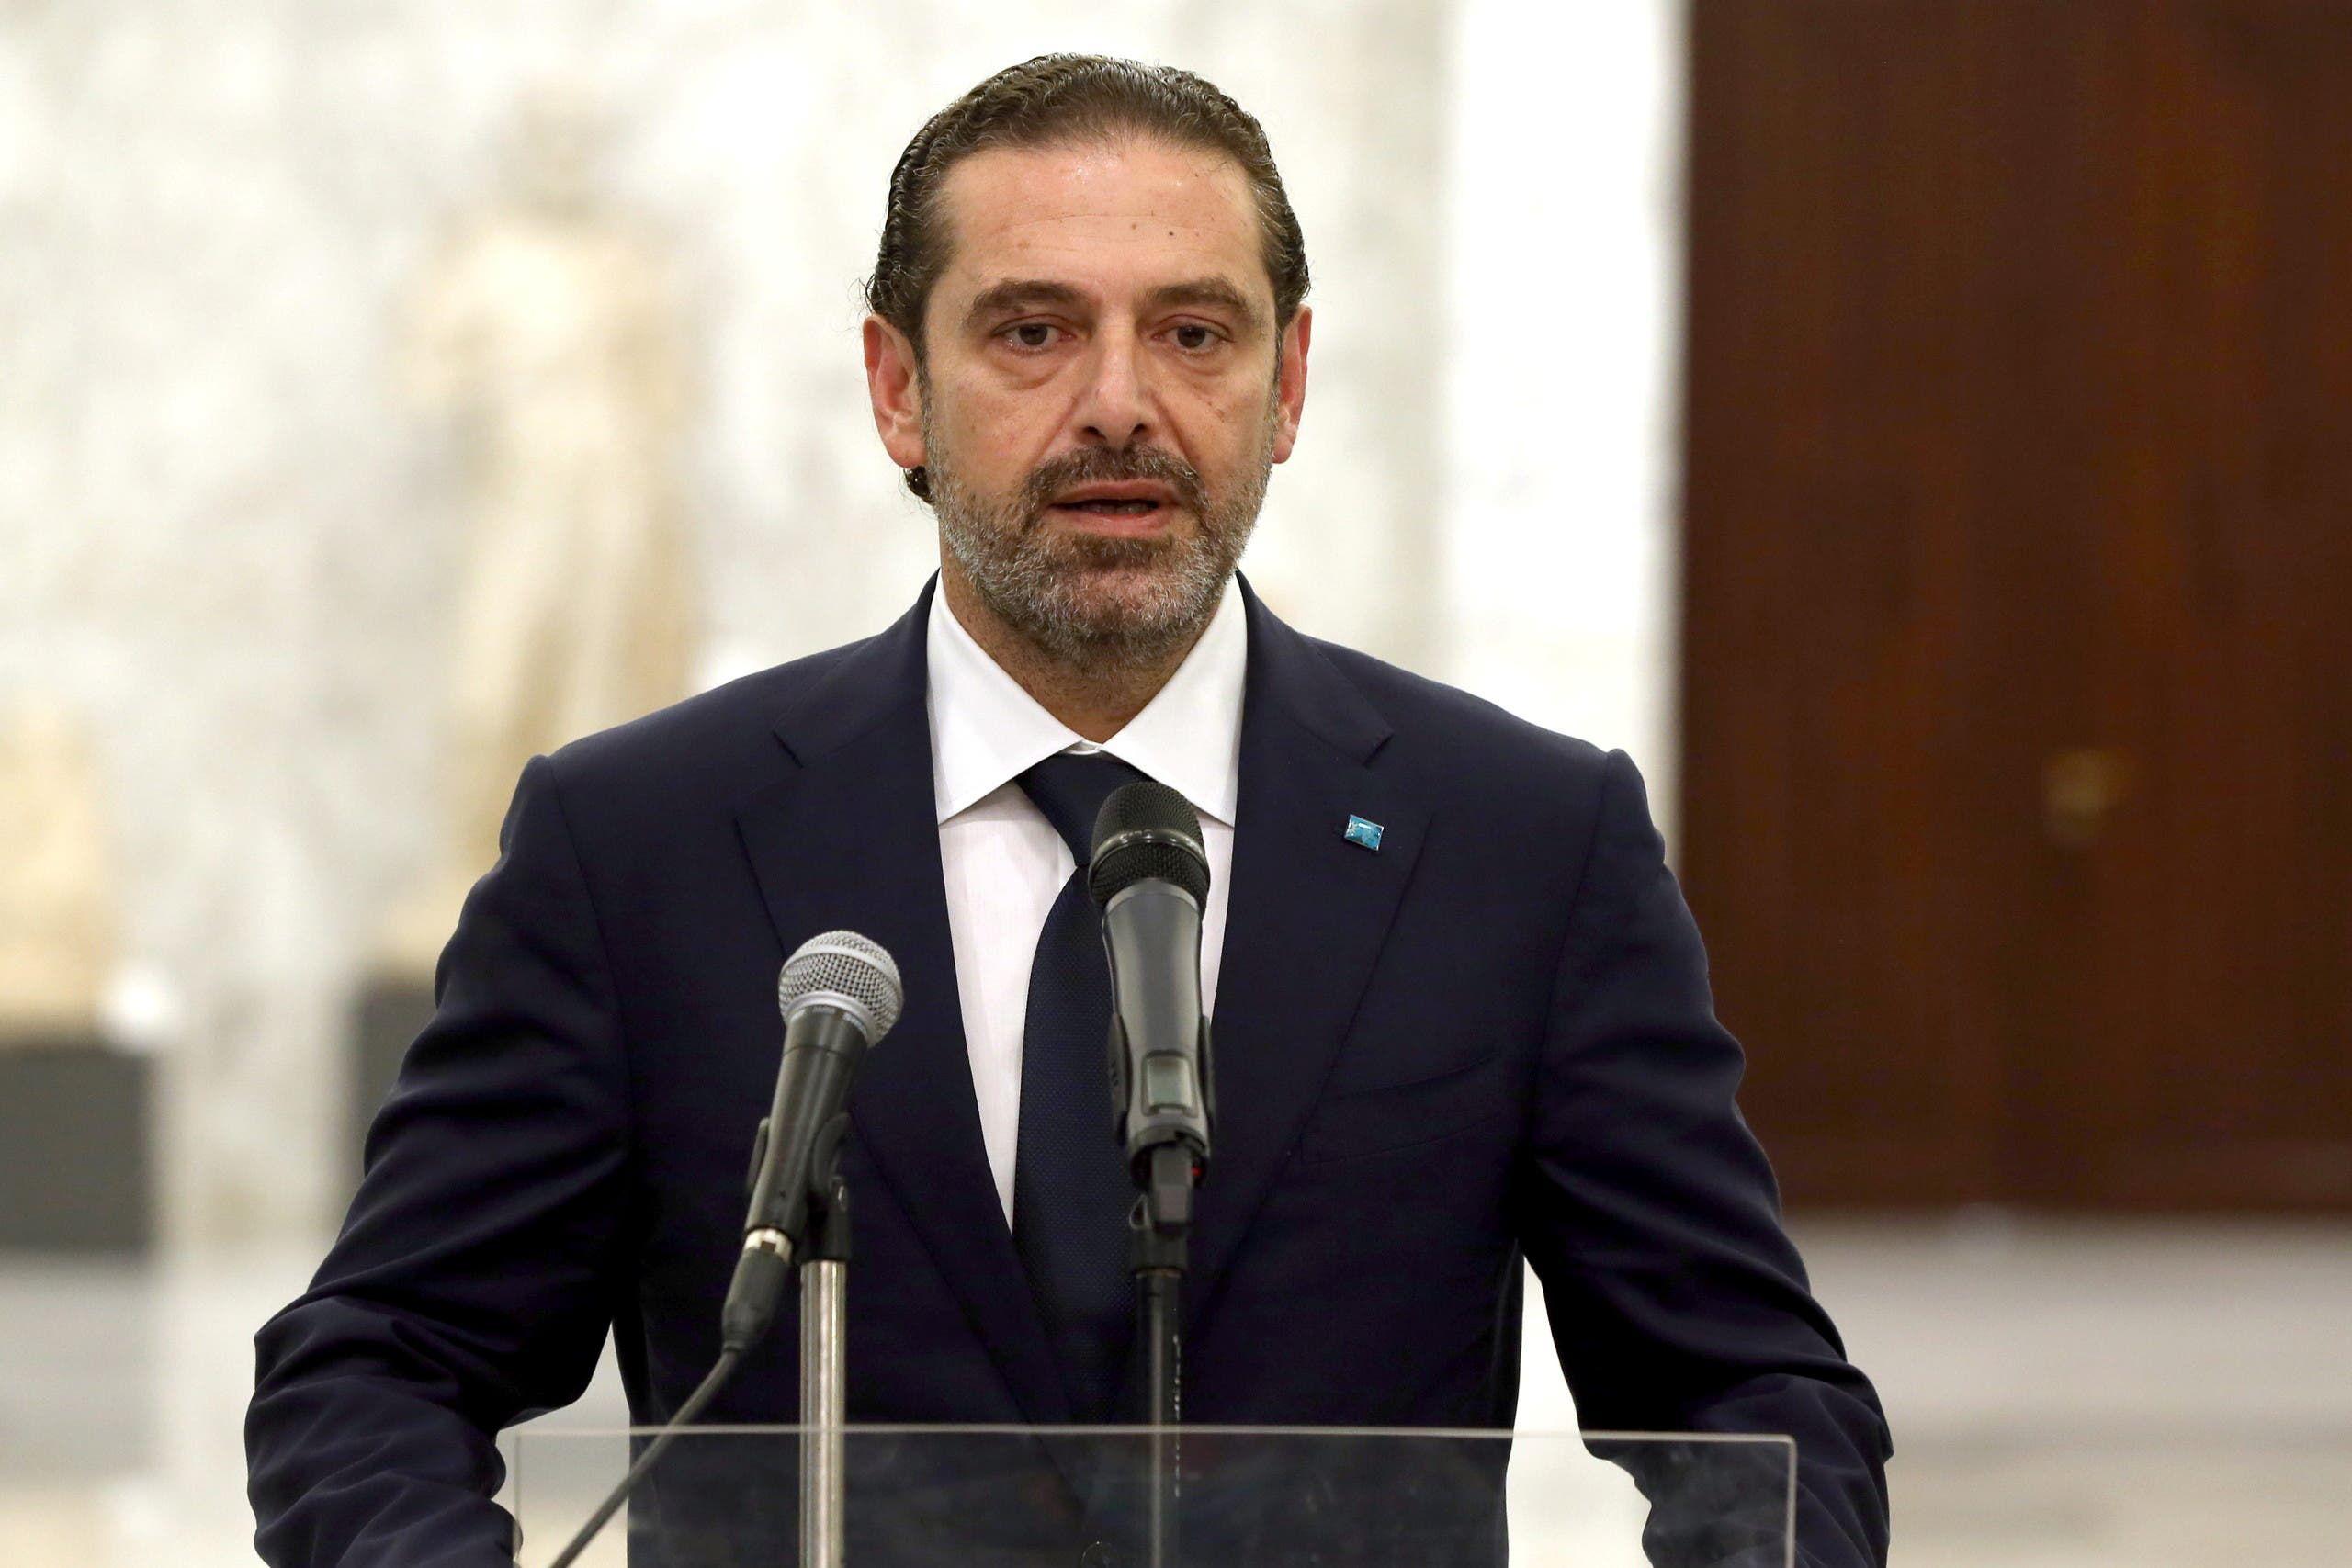 رئيس الوزراء اللبناني المكلف سعد الحريري يوم 18 مارس 2021 (رويترز)